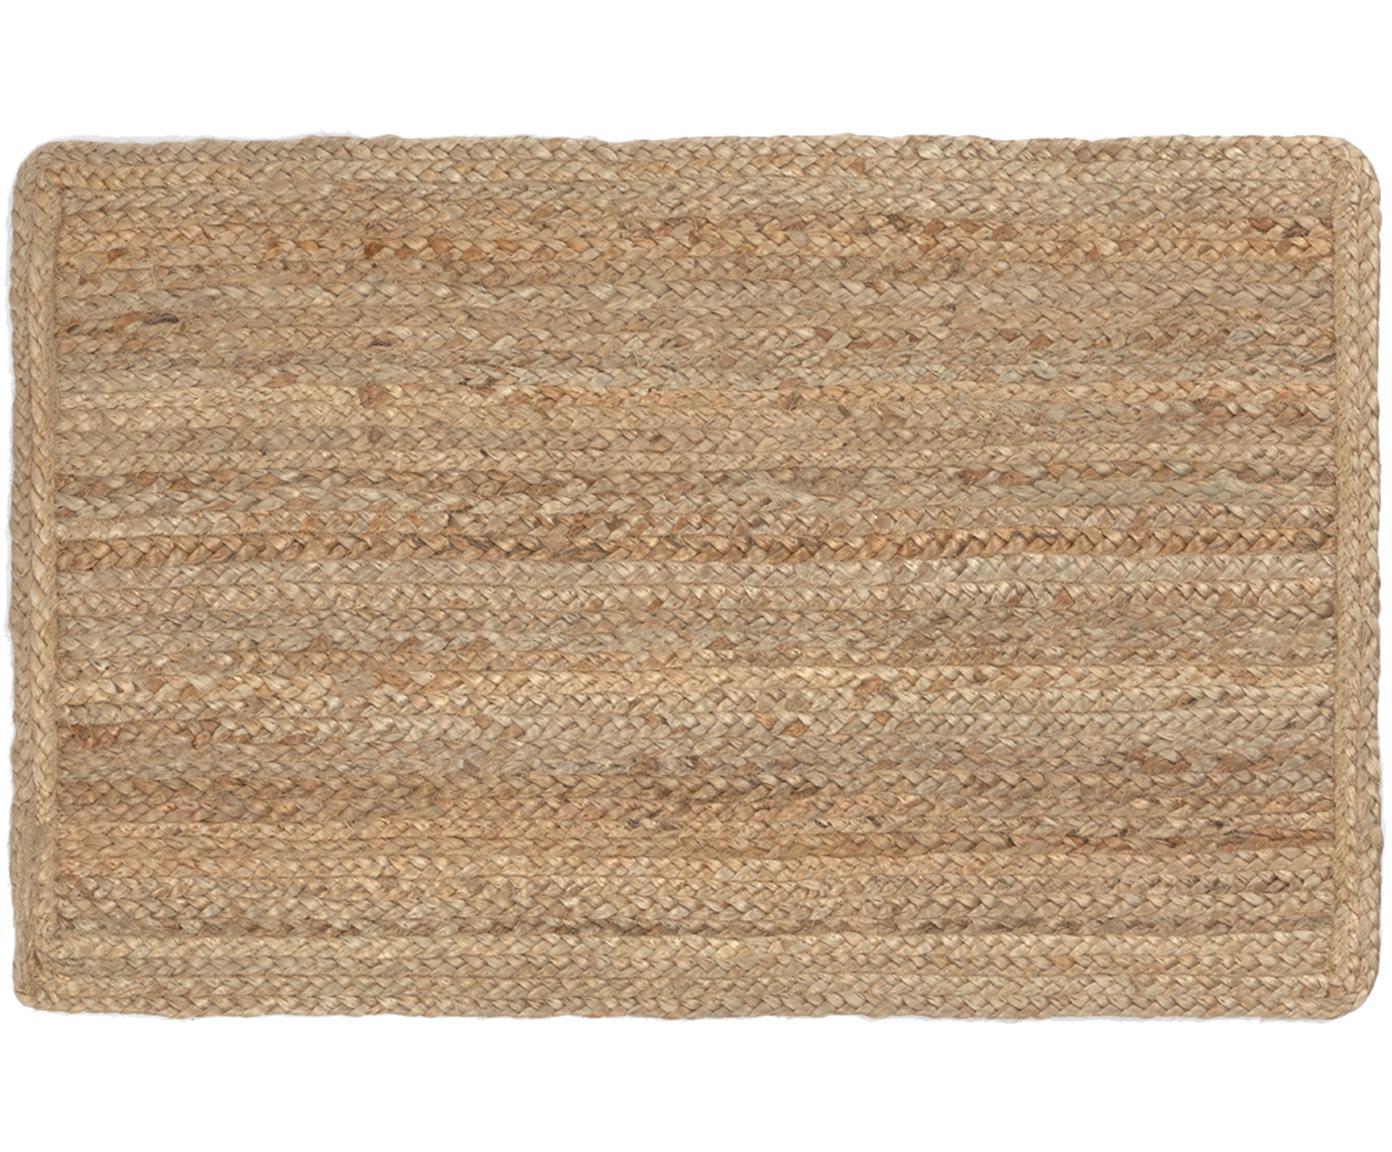 Jute-Fussmatte Ural, 100% Jute, Beige, 45 x 75 cm